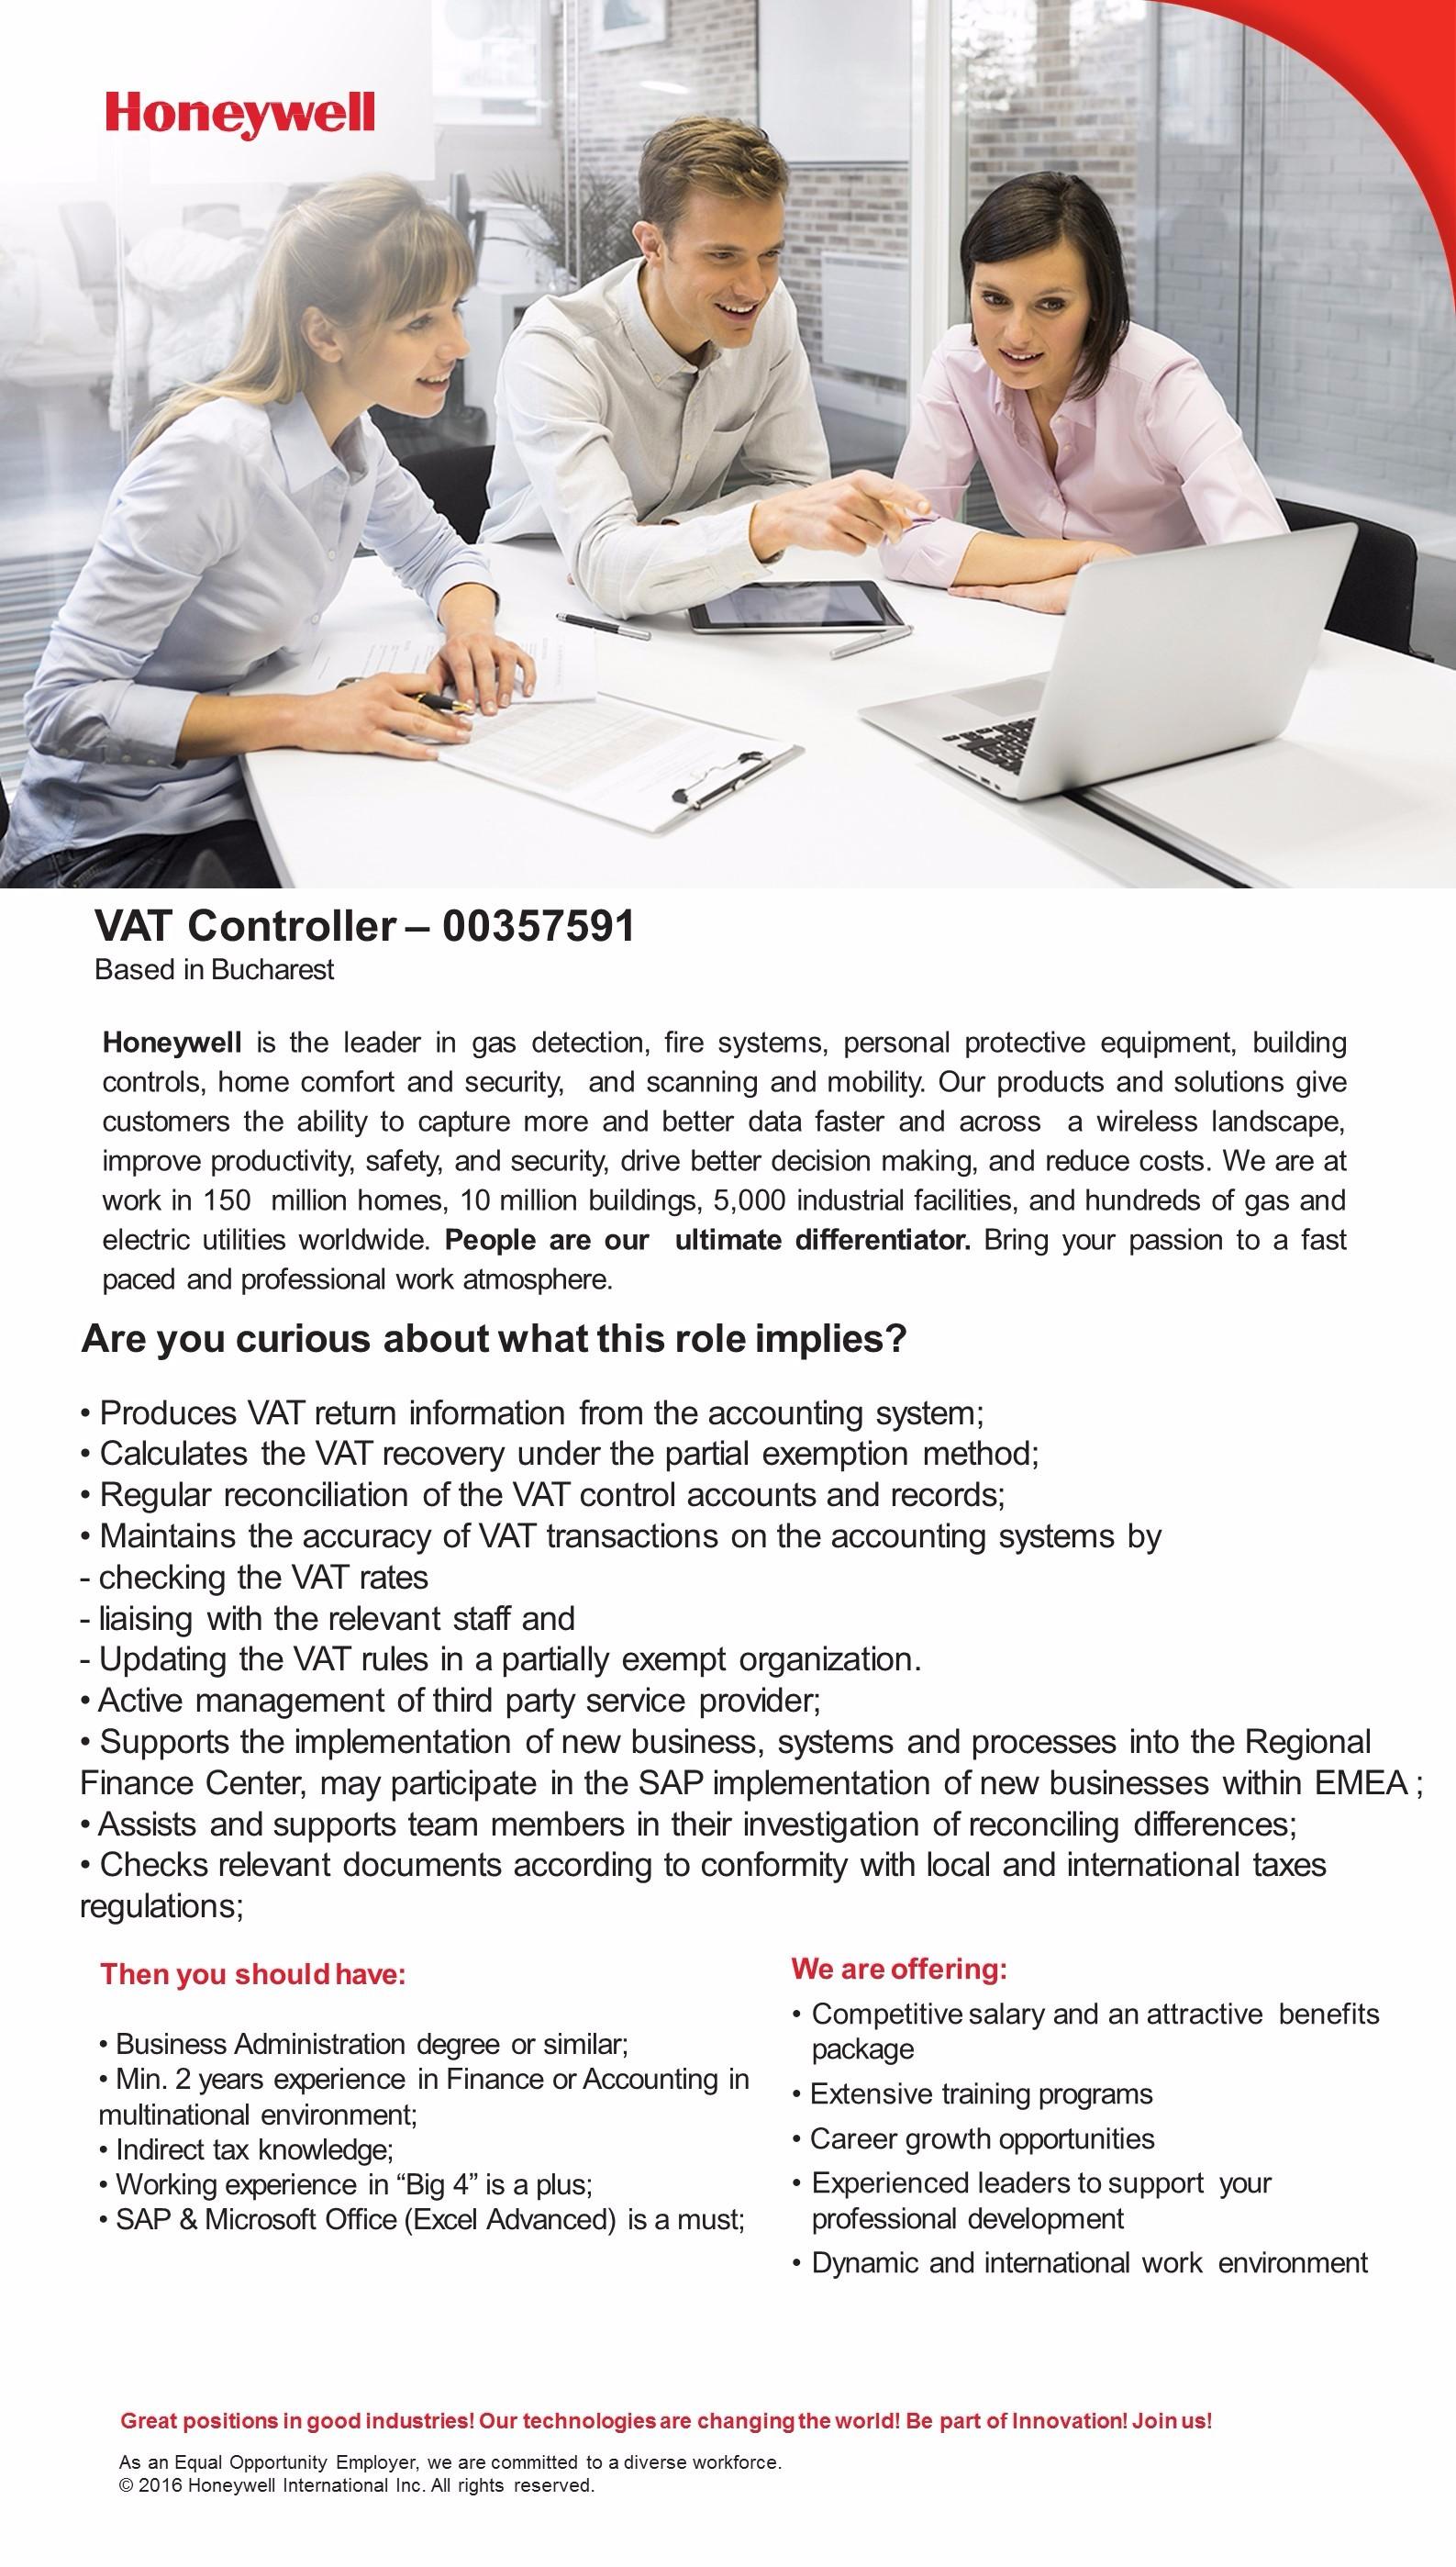 VAT Controller